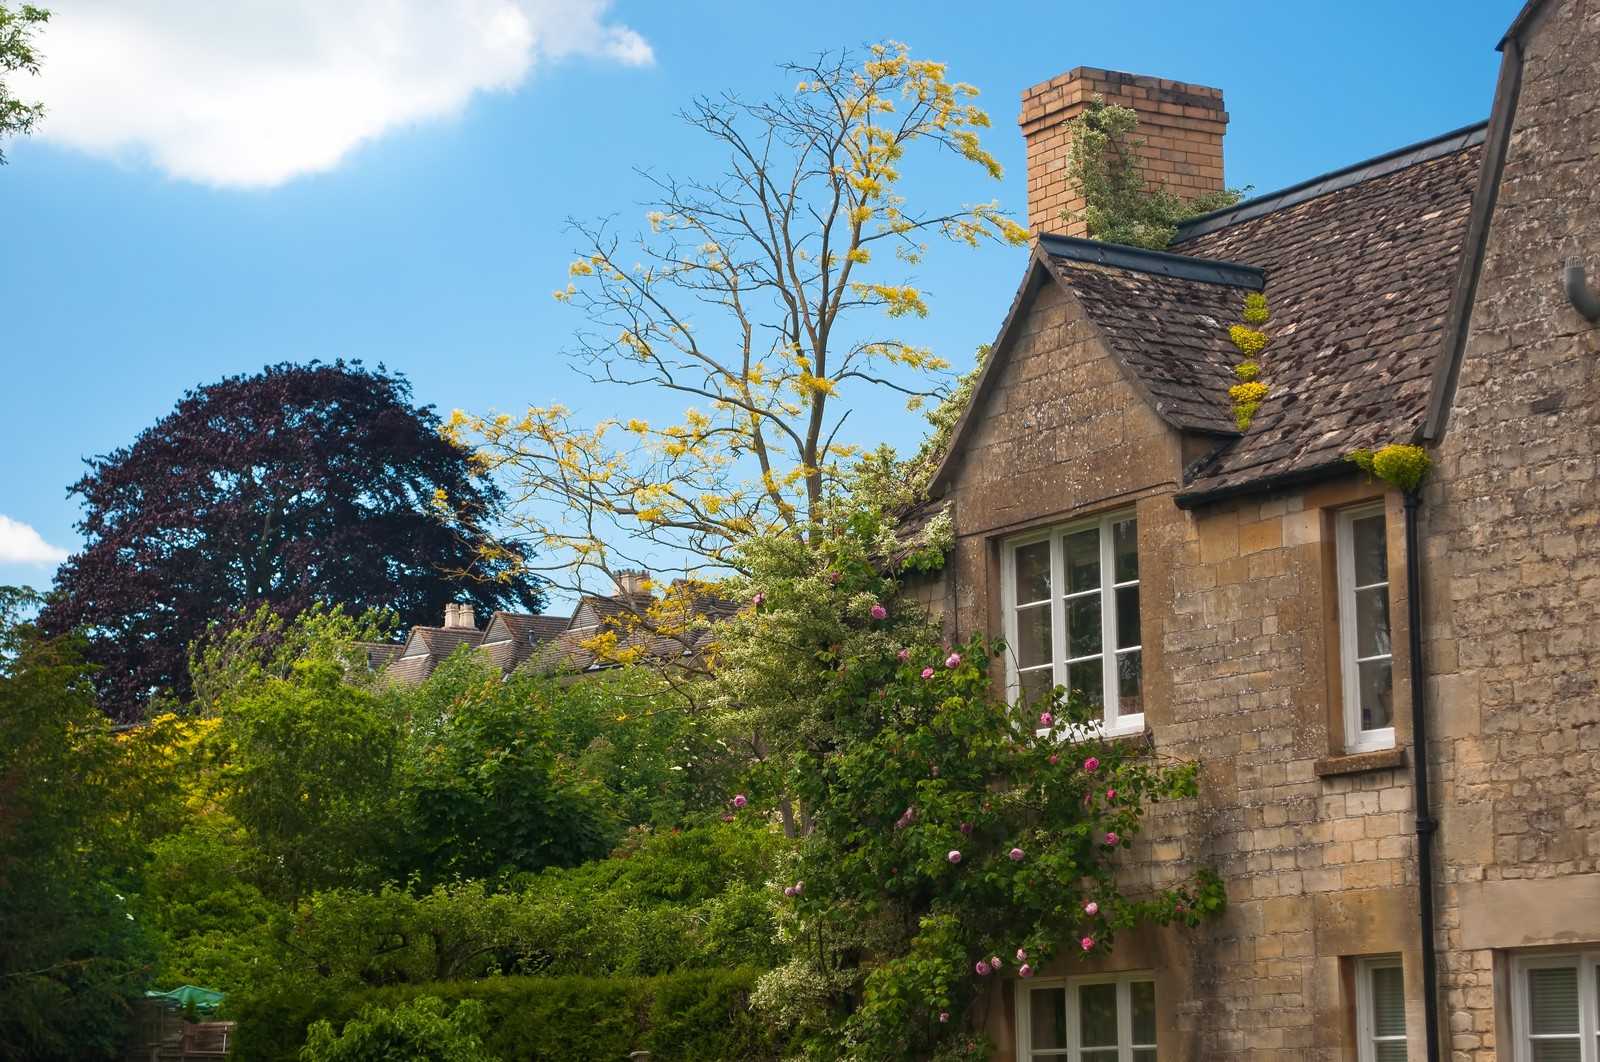 「ウィンチクームのレンガの家」の写真